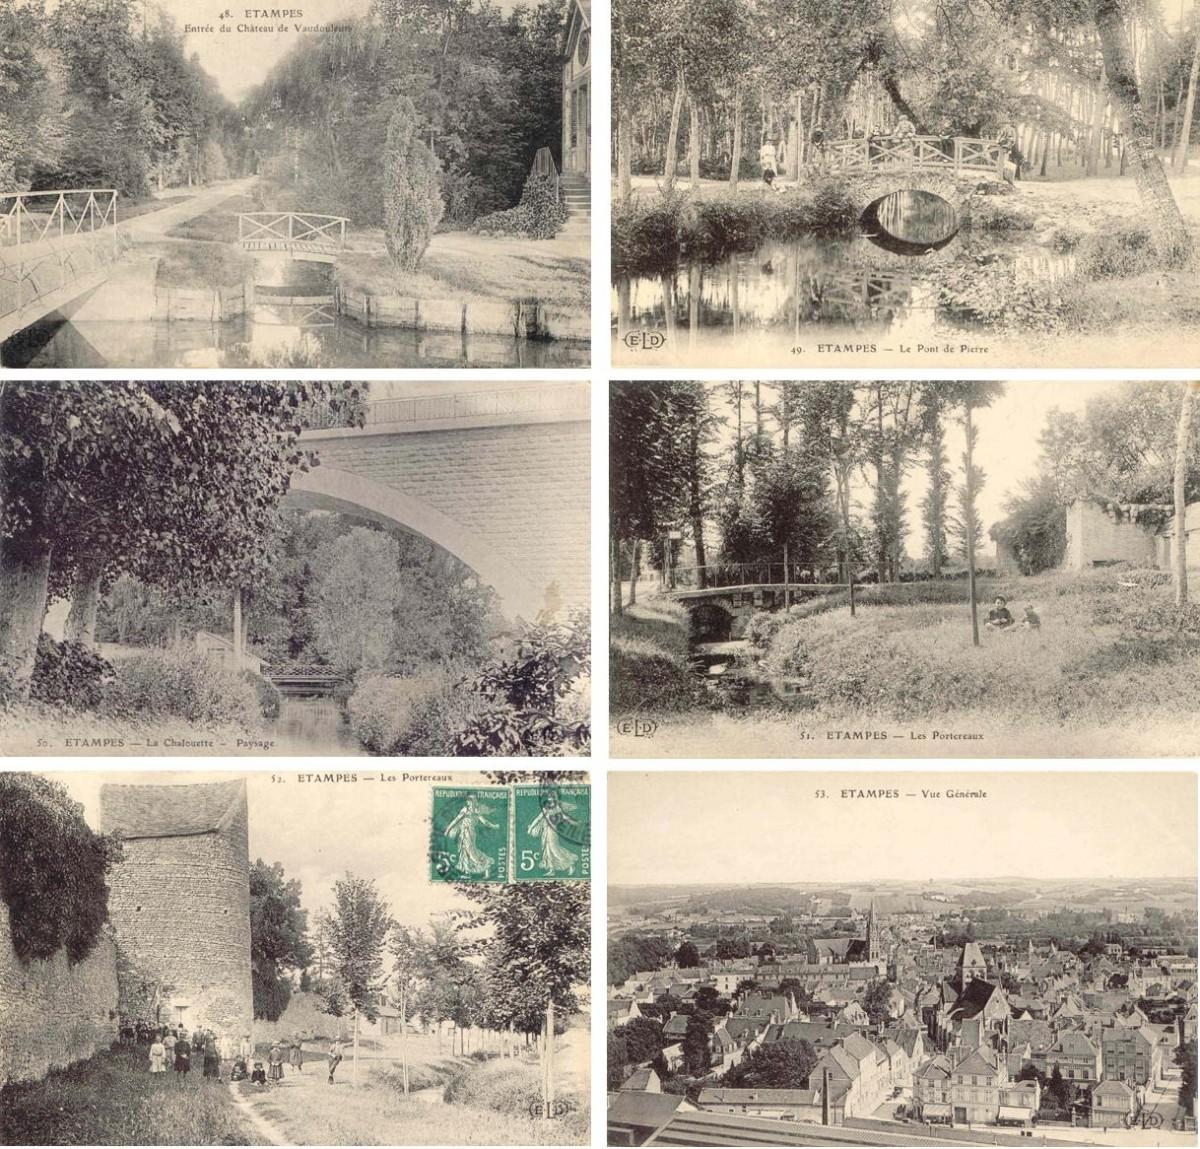 Французские парки на фото открытках начала 20 века